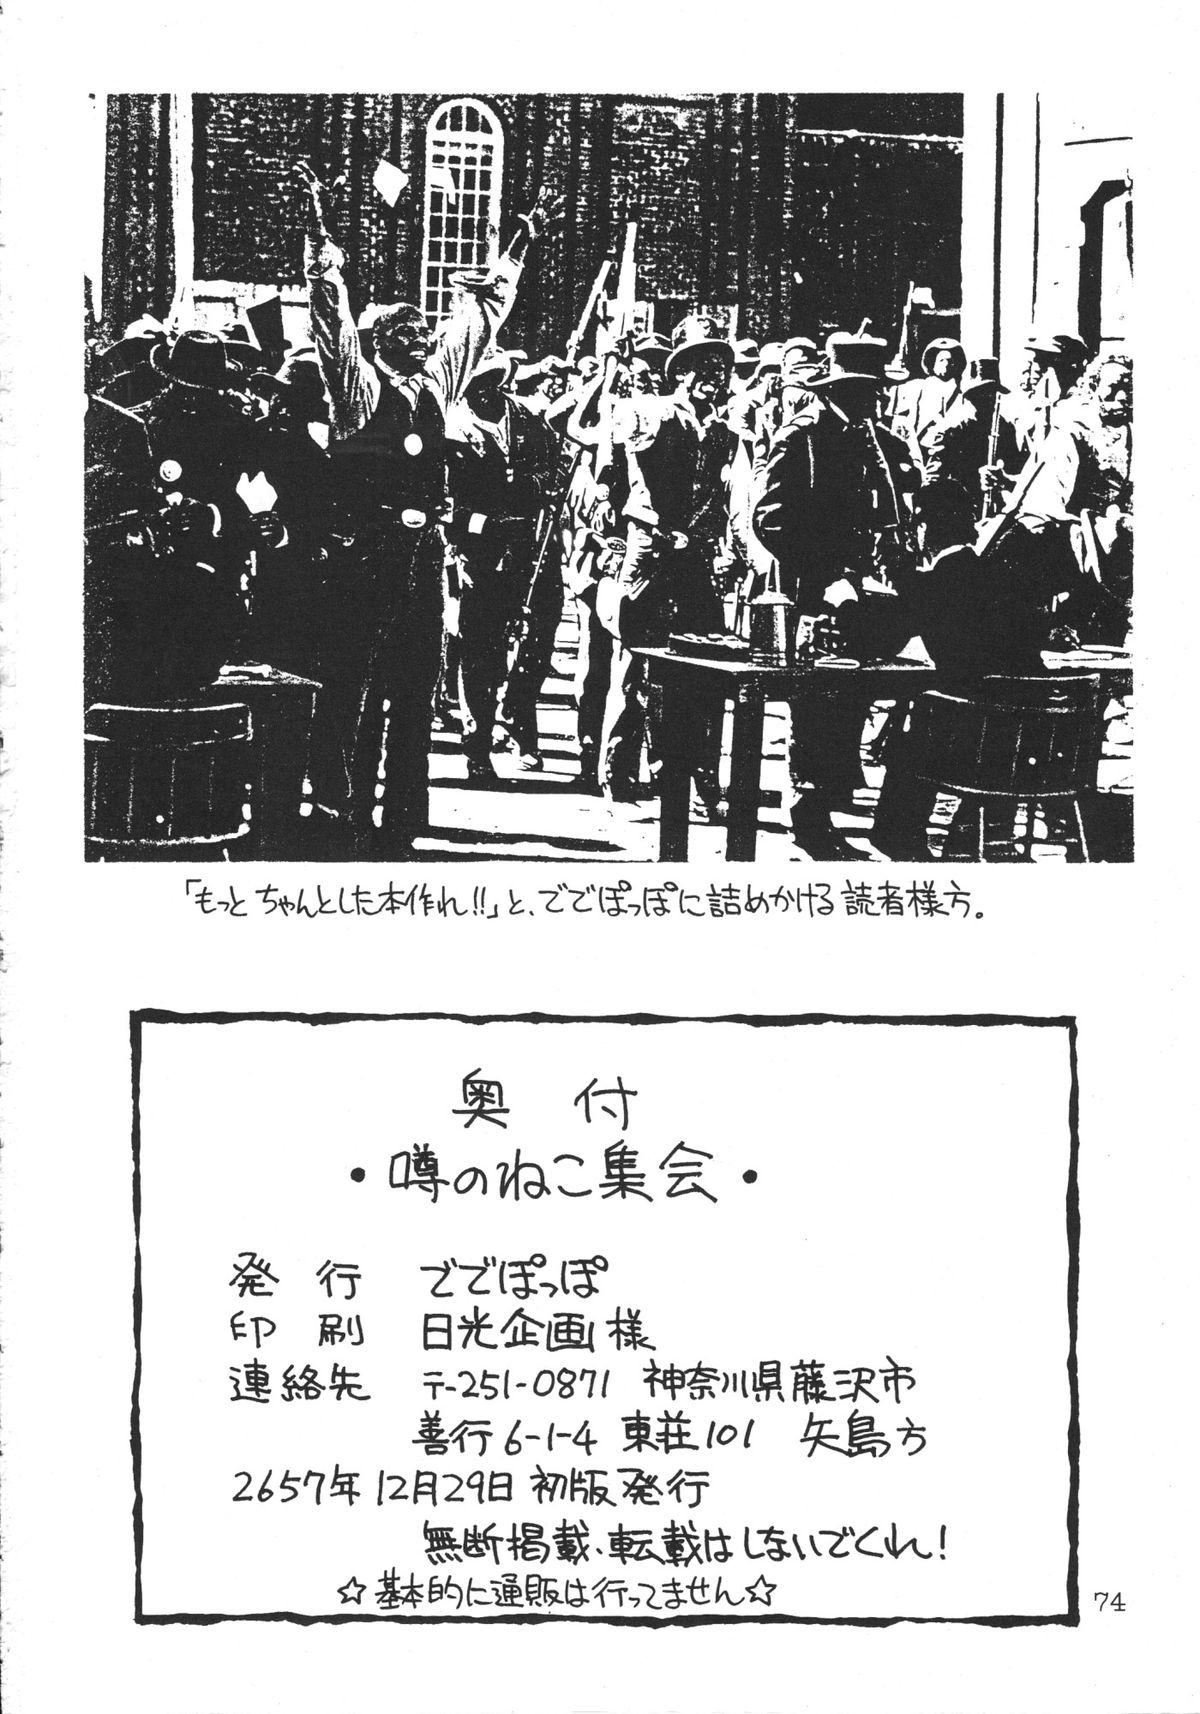 Uwasa no Neko Shuukai 72